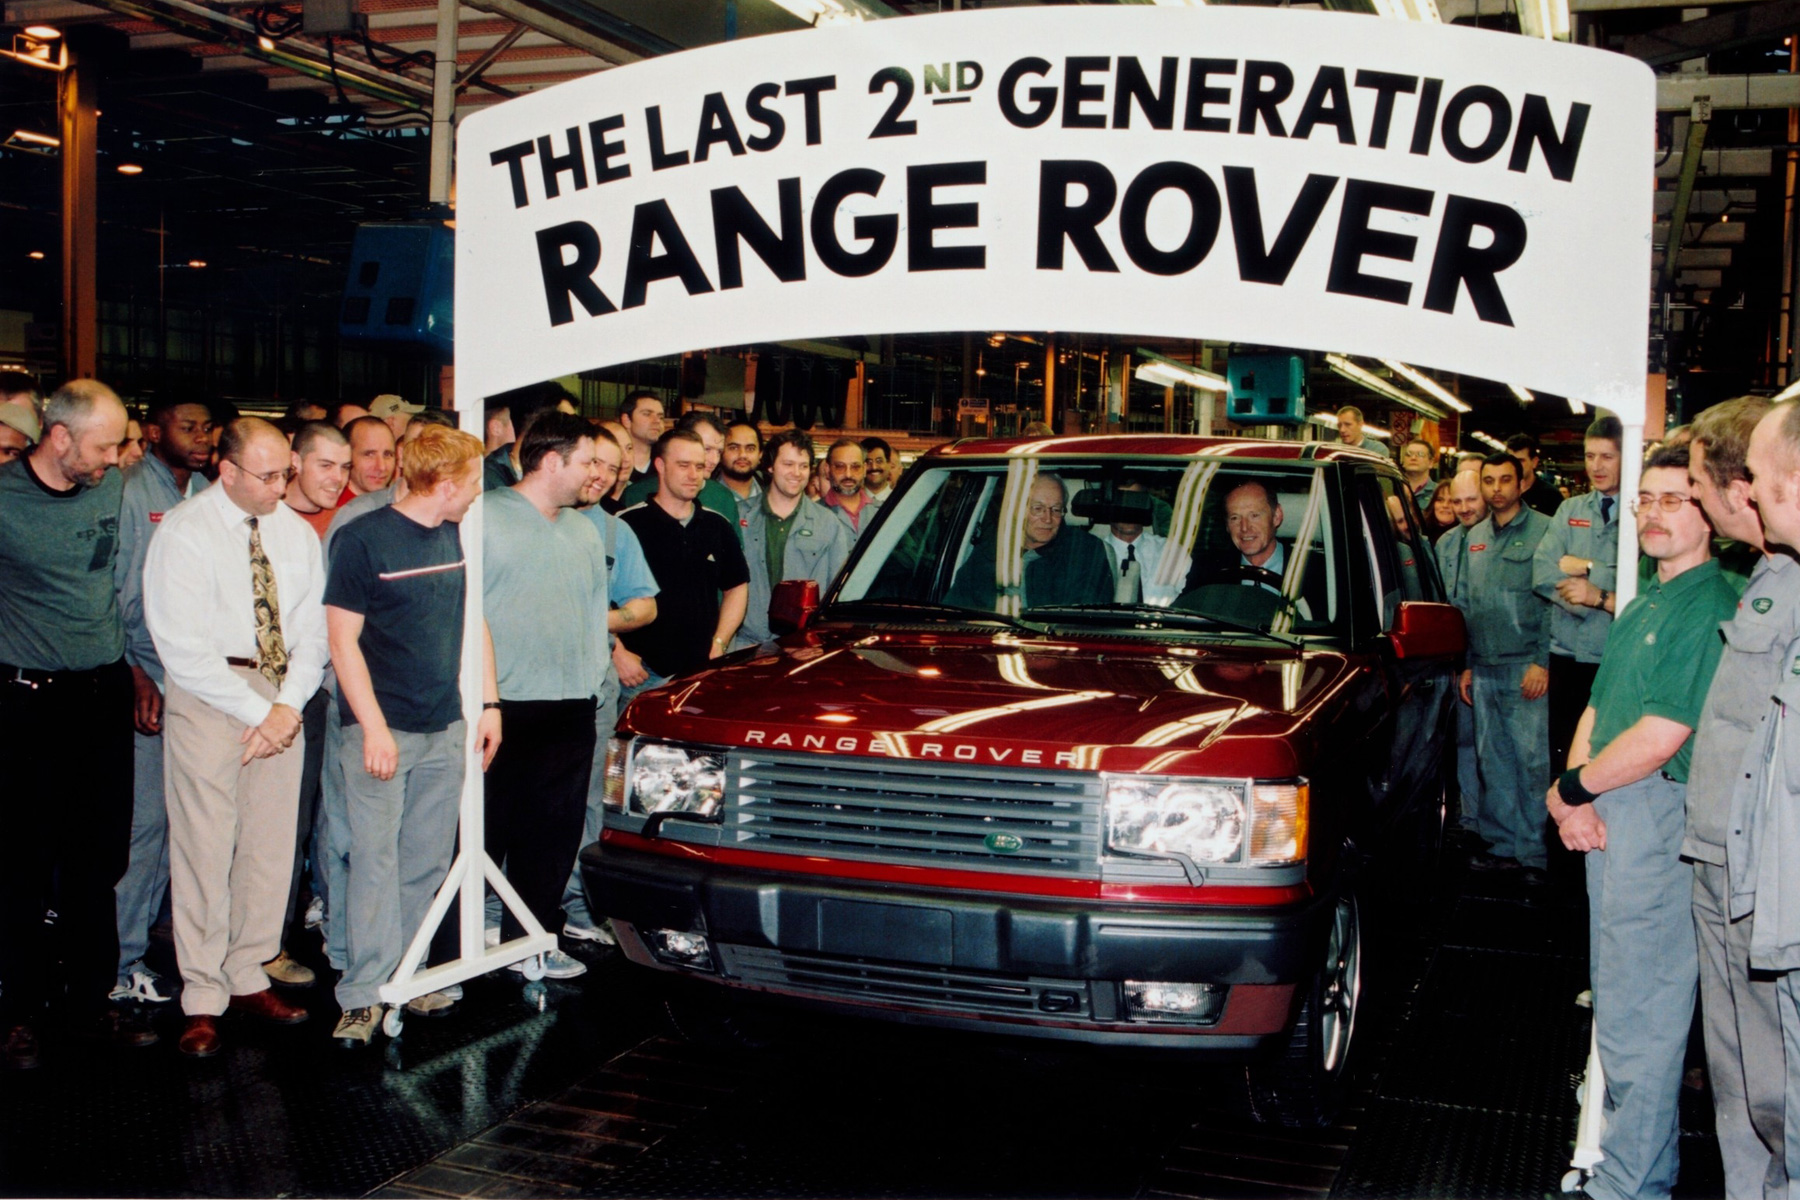 The last Range Rover II